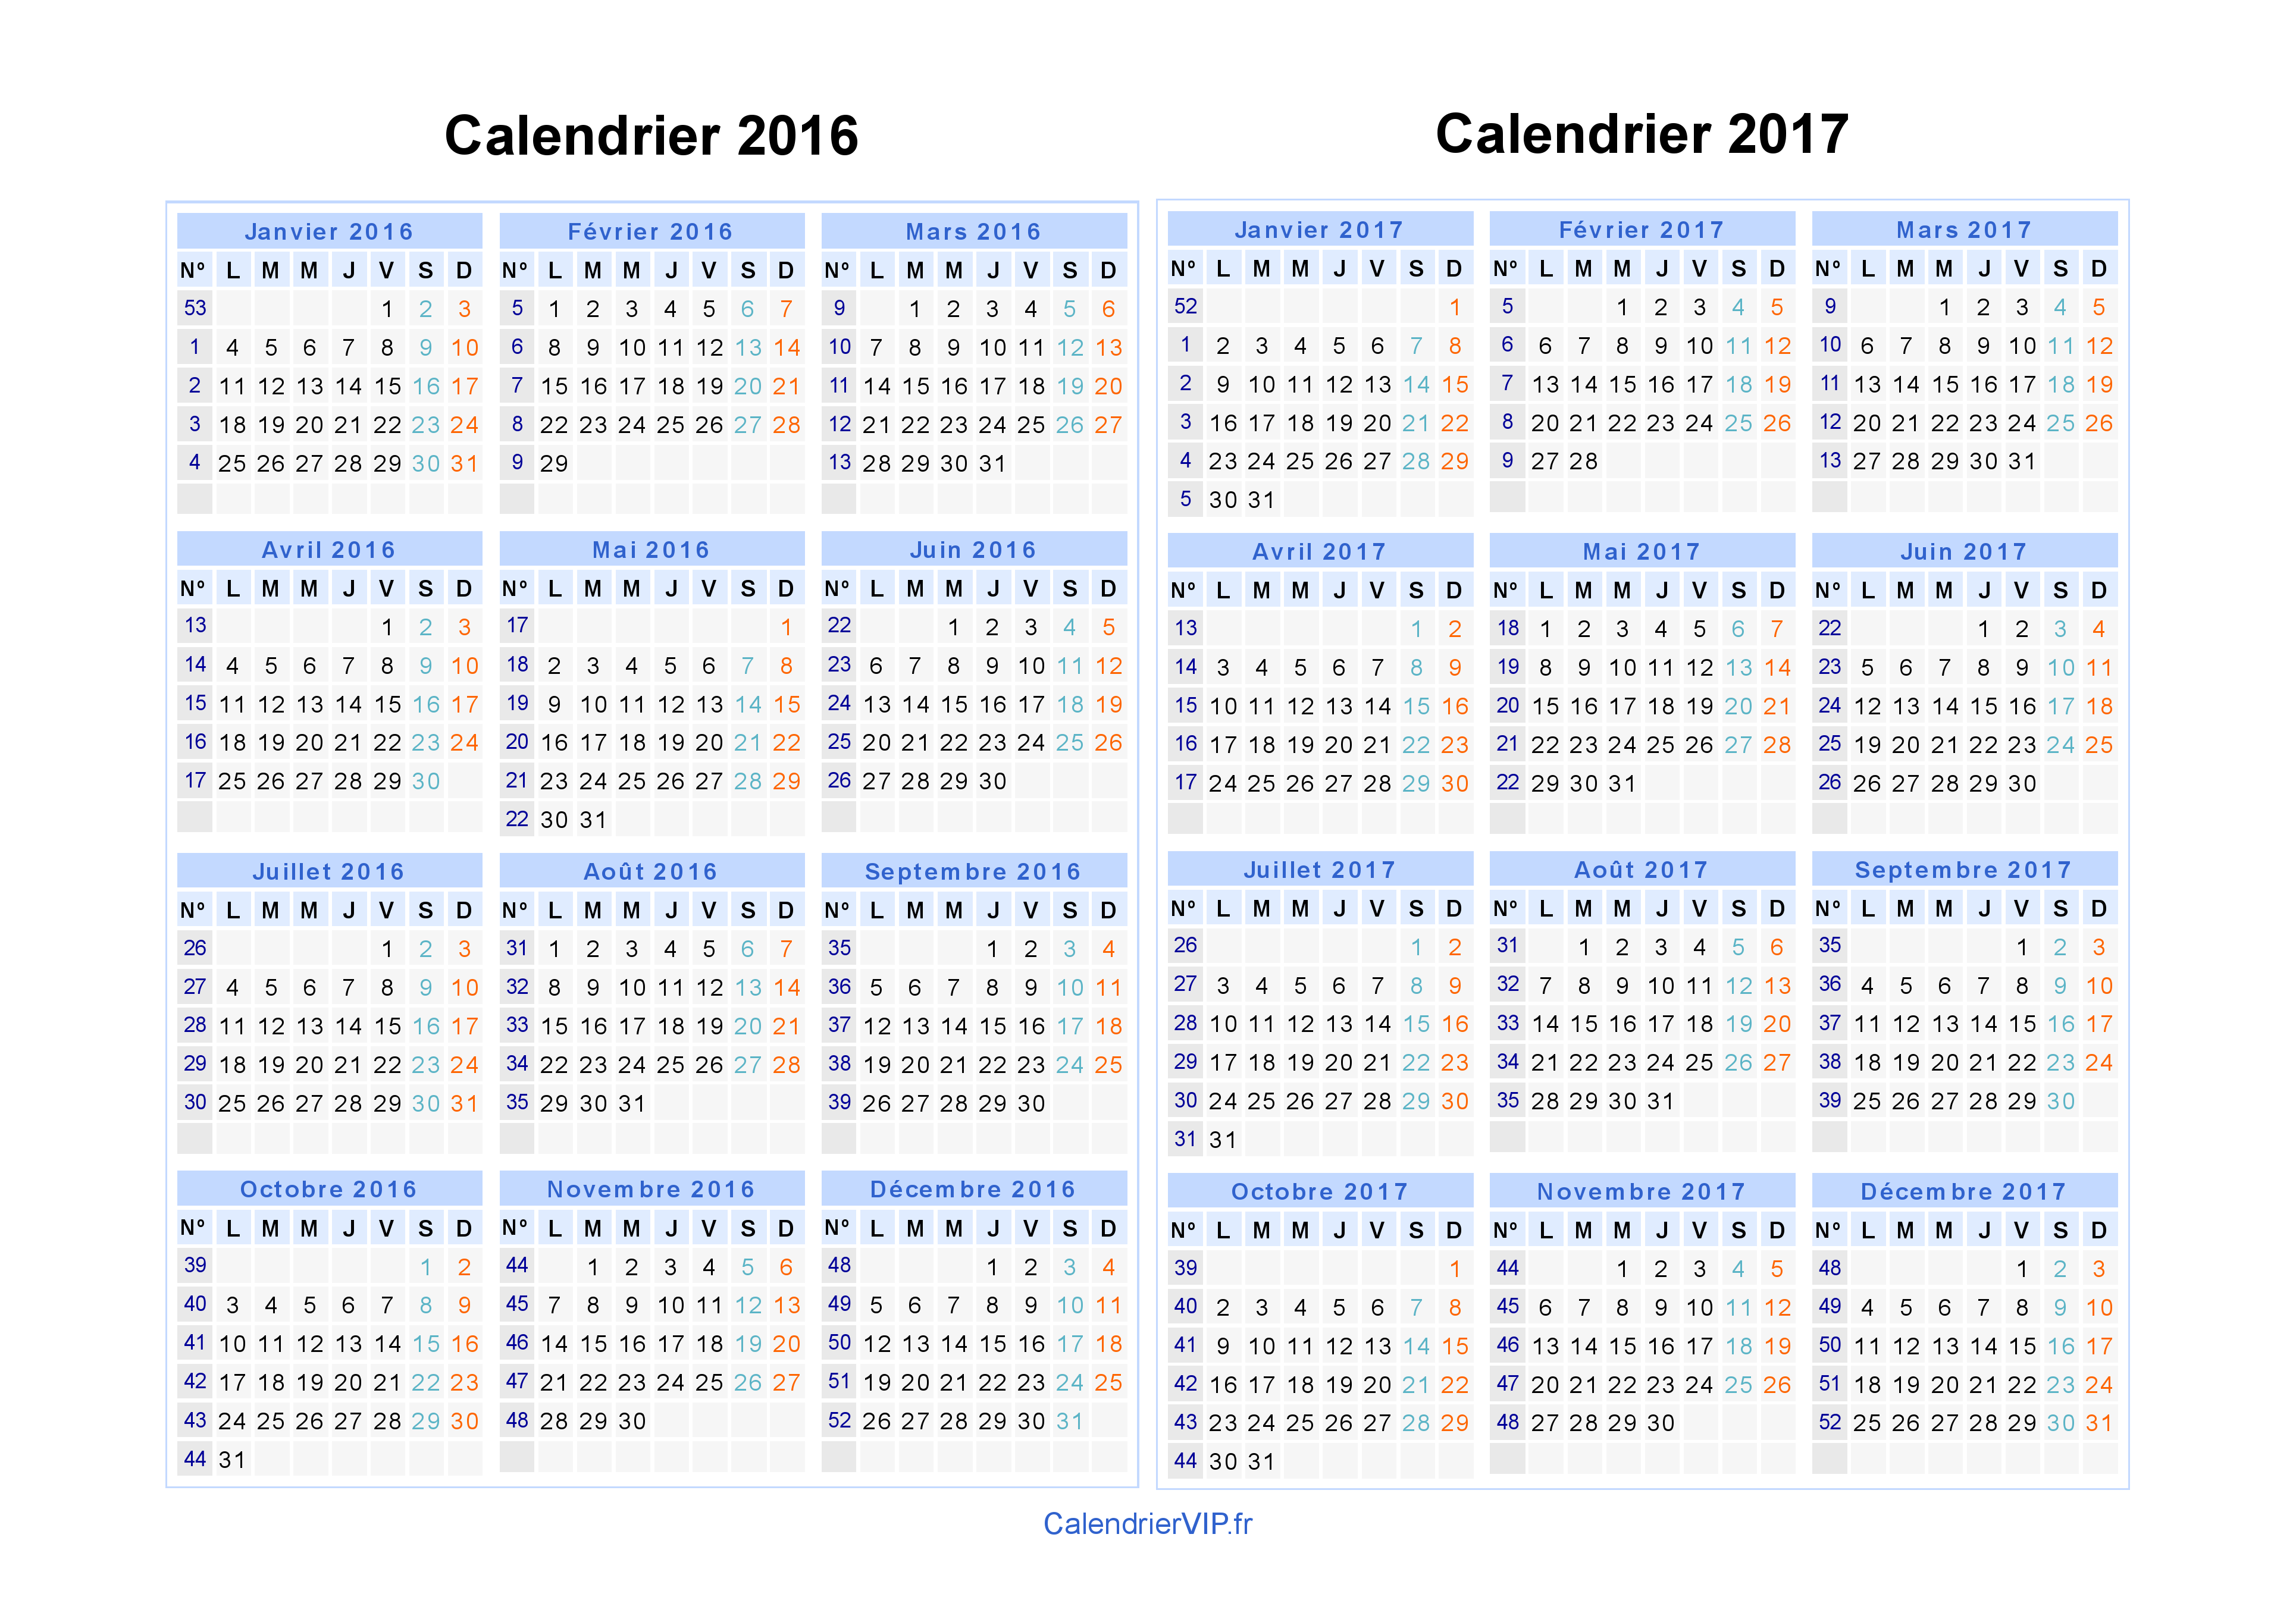 Calendrier annuel 2016 gratuit à imprimer